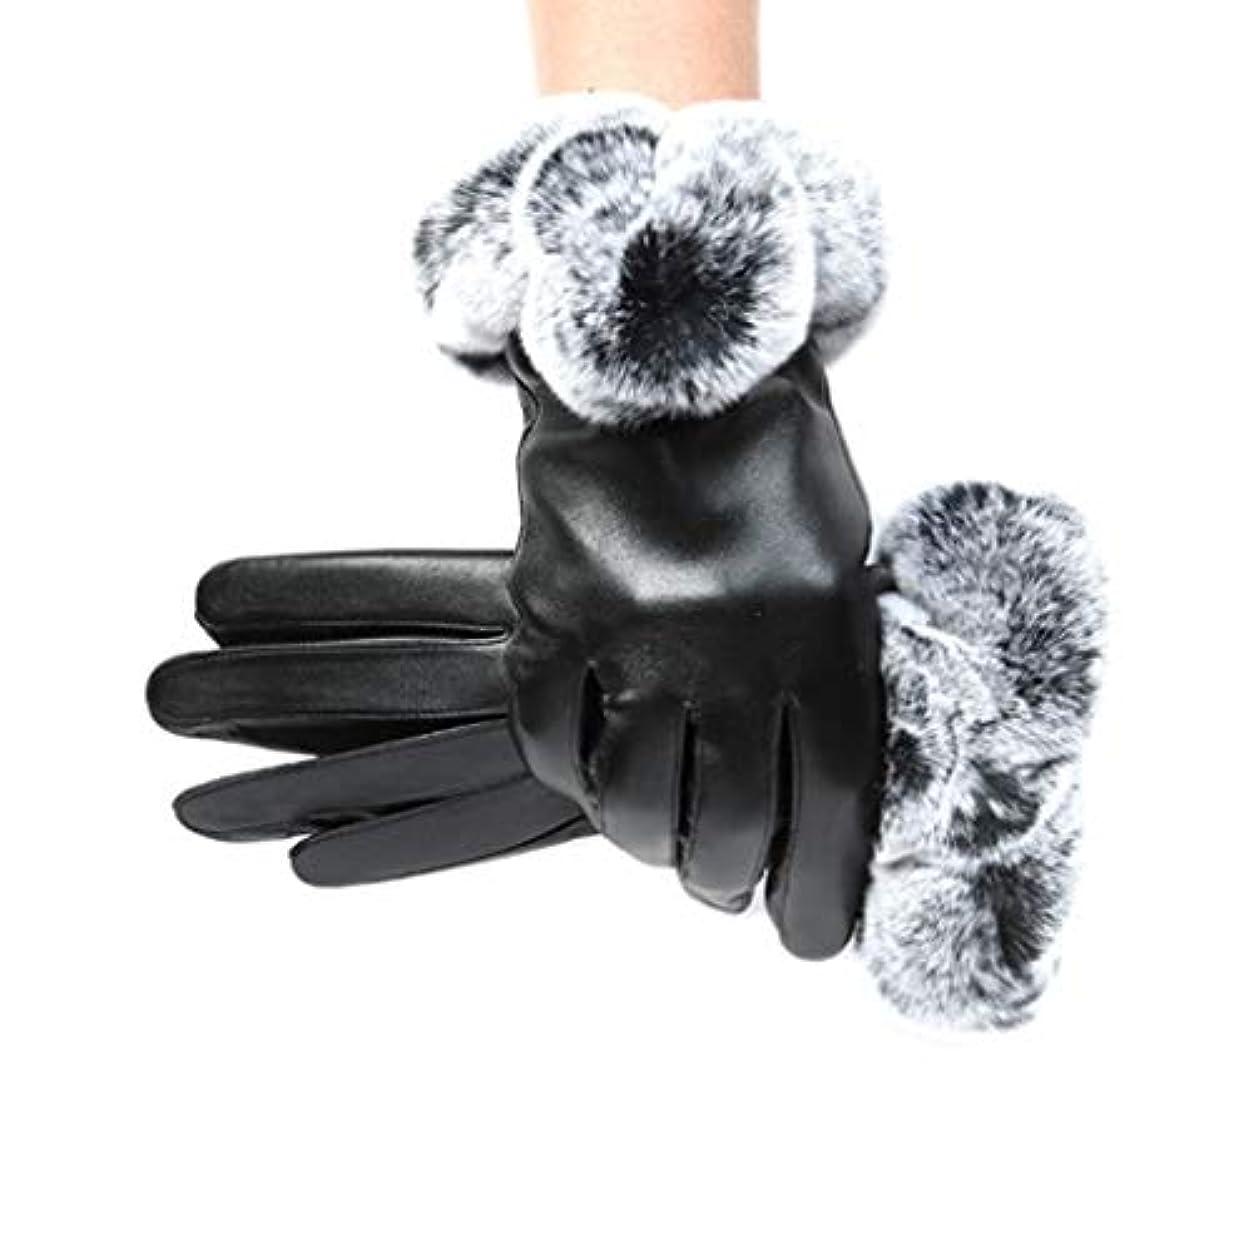 レザーグローブ冬の暖かい手袋レディースアウトドアライディンググローブ防風コールドプラスベルベットのタッチスクリーングローブ女性モデル